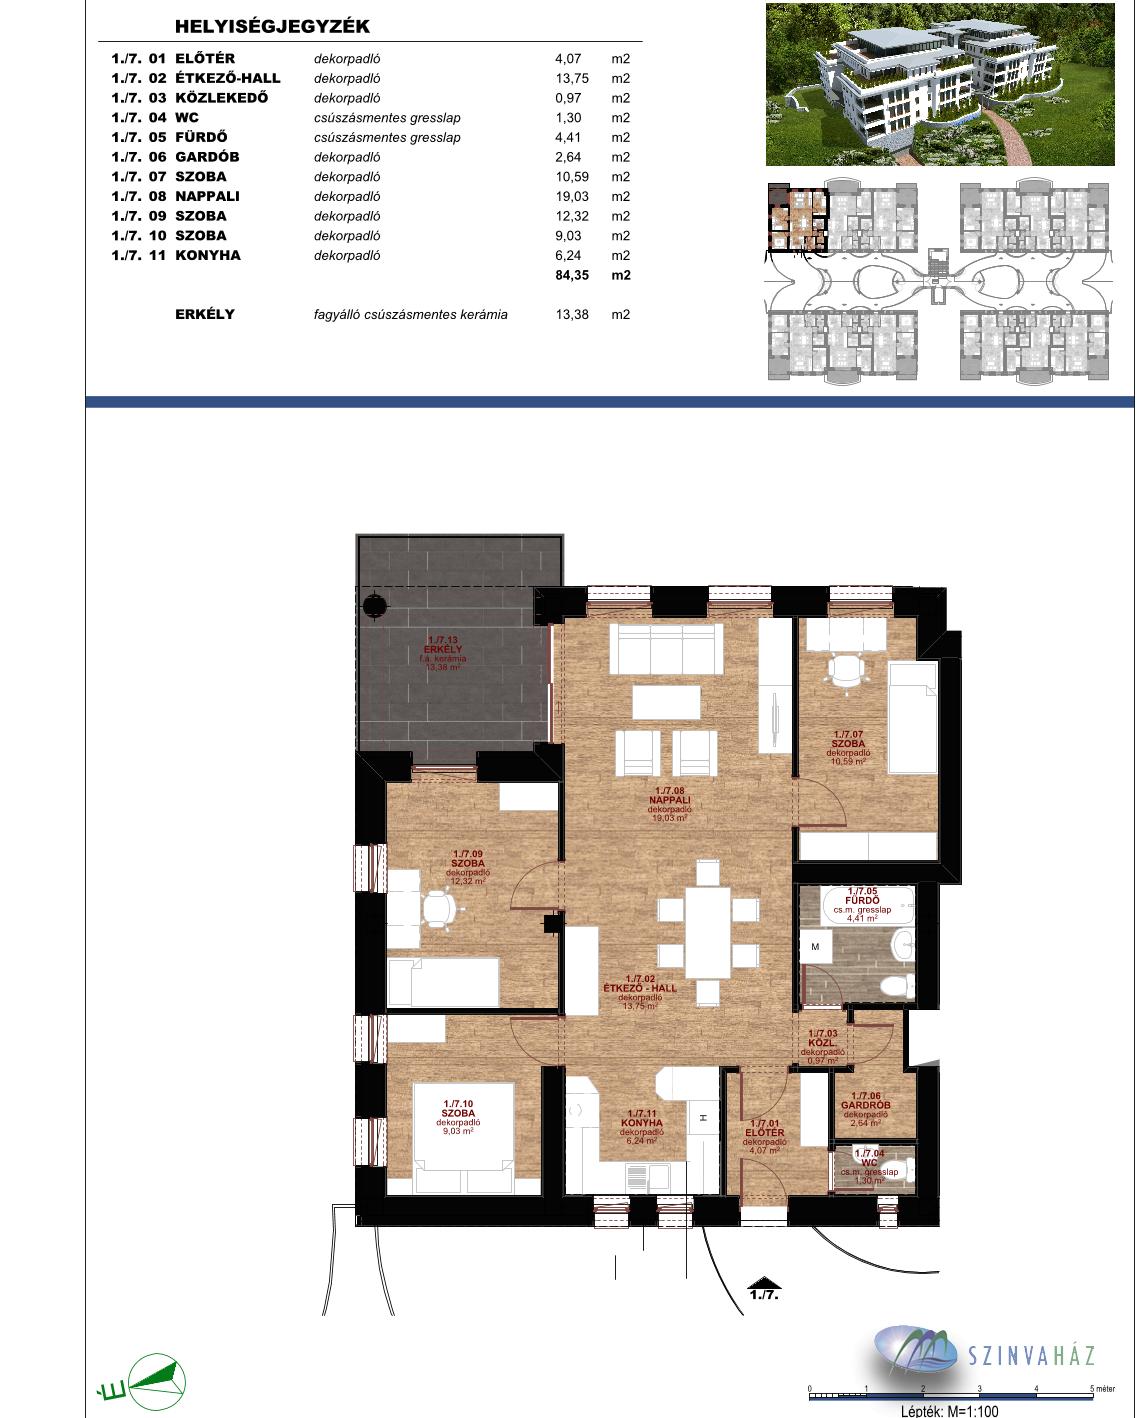 Eladó 2 szobás új építésű lakás- Miskolc Oxygen Garden